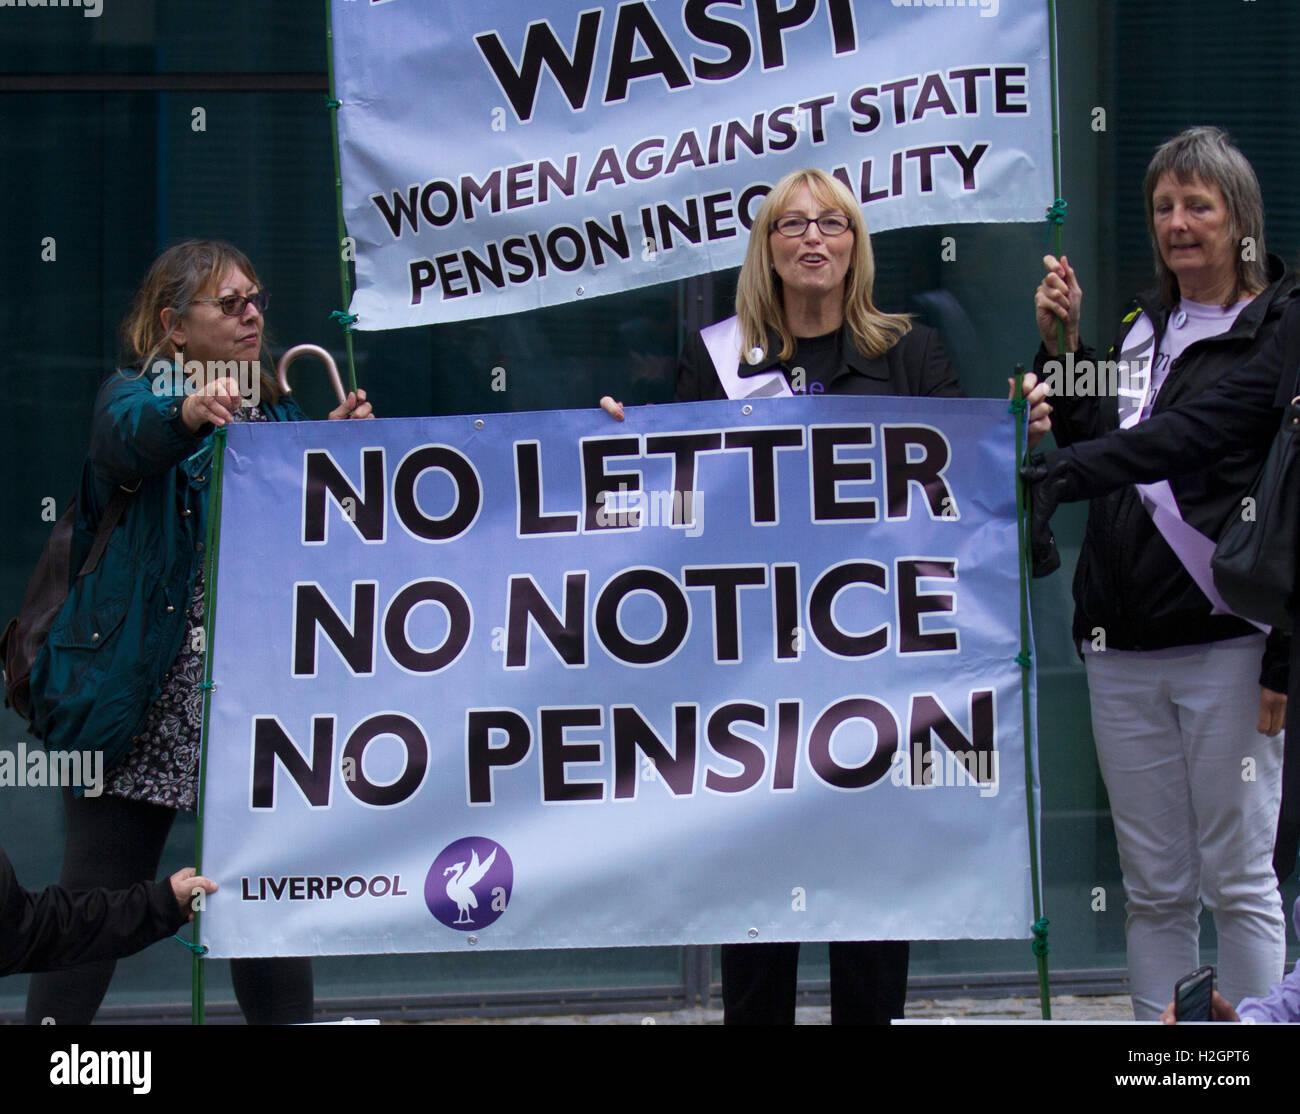 """""""Waspi' manifestantes en la conferencia anual del Partido Laborista. Un grupo de mujeres desfavorecidas por cambios en los derechos de pensión demostrar fuera del Liverpool Echo Arena. Son un grupo Waspi campaña que lucha contra la injusticia hecha a las mujeres nacidas en 1950 (en o después del 6 de abril de 1951) con respecto a los cambios de su estado, la edad de jubilación. Los informes sugieren que hay """"grieta de luz"""" para la """"Waspi"""" (Mujeres contra la pensión estatal desigualdad) Foto de stock"""